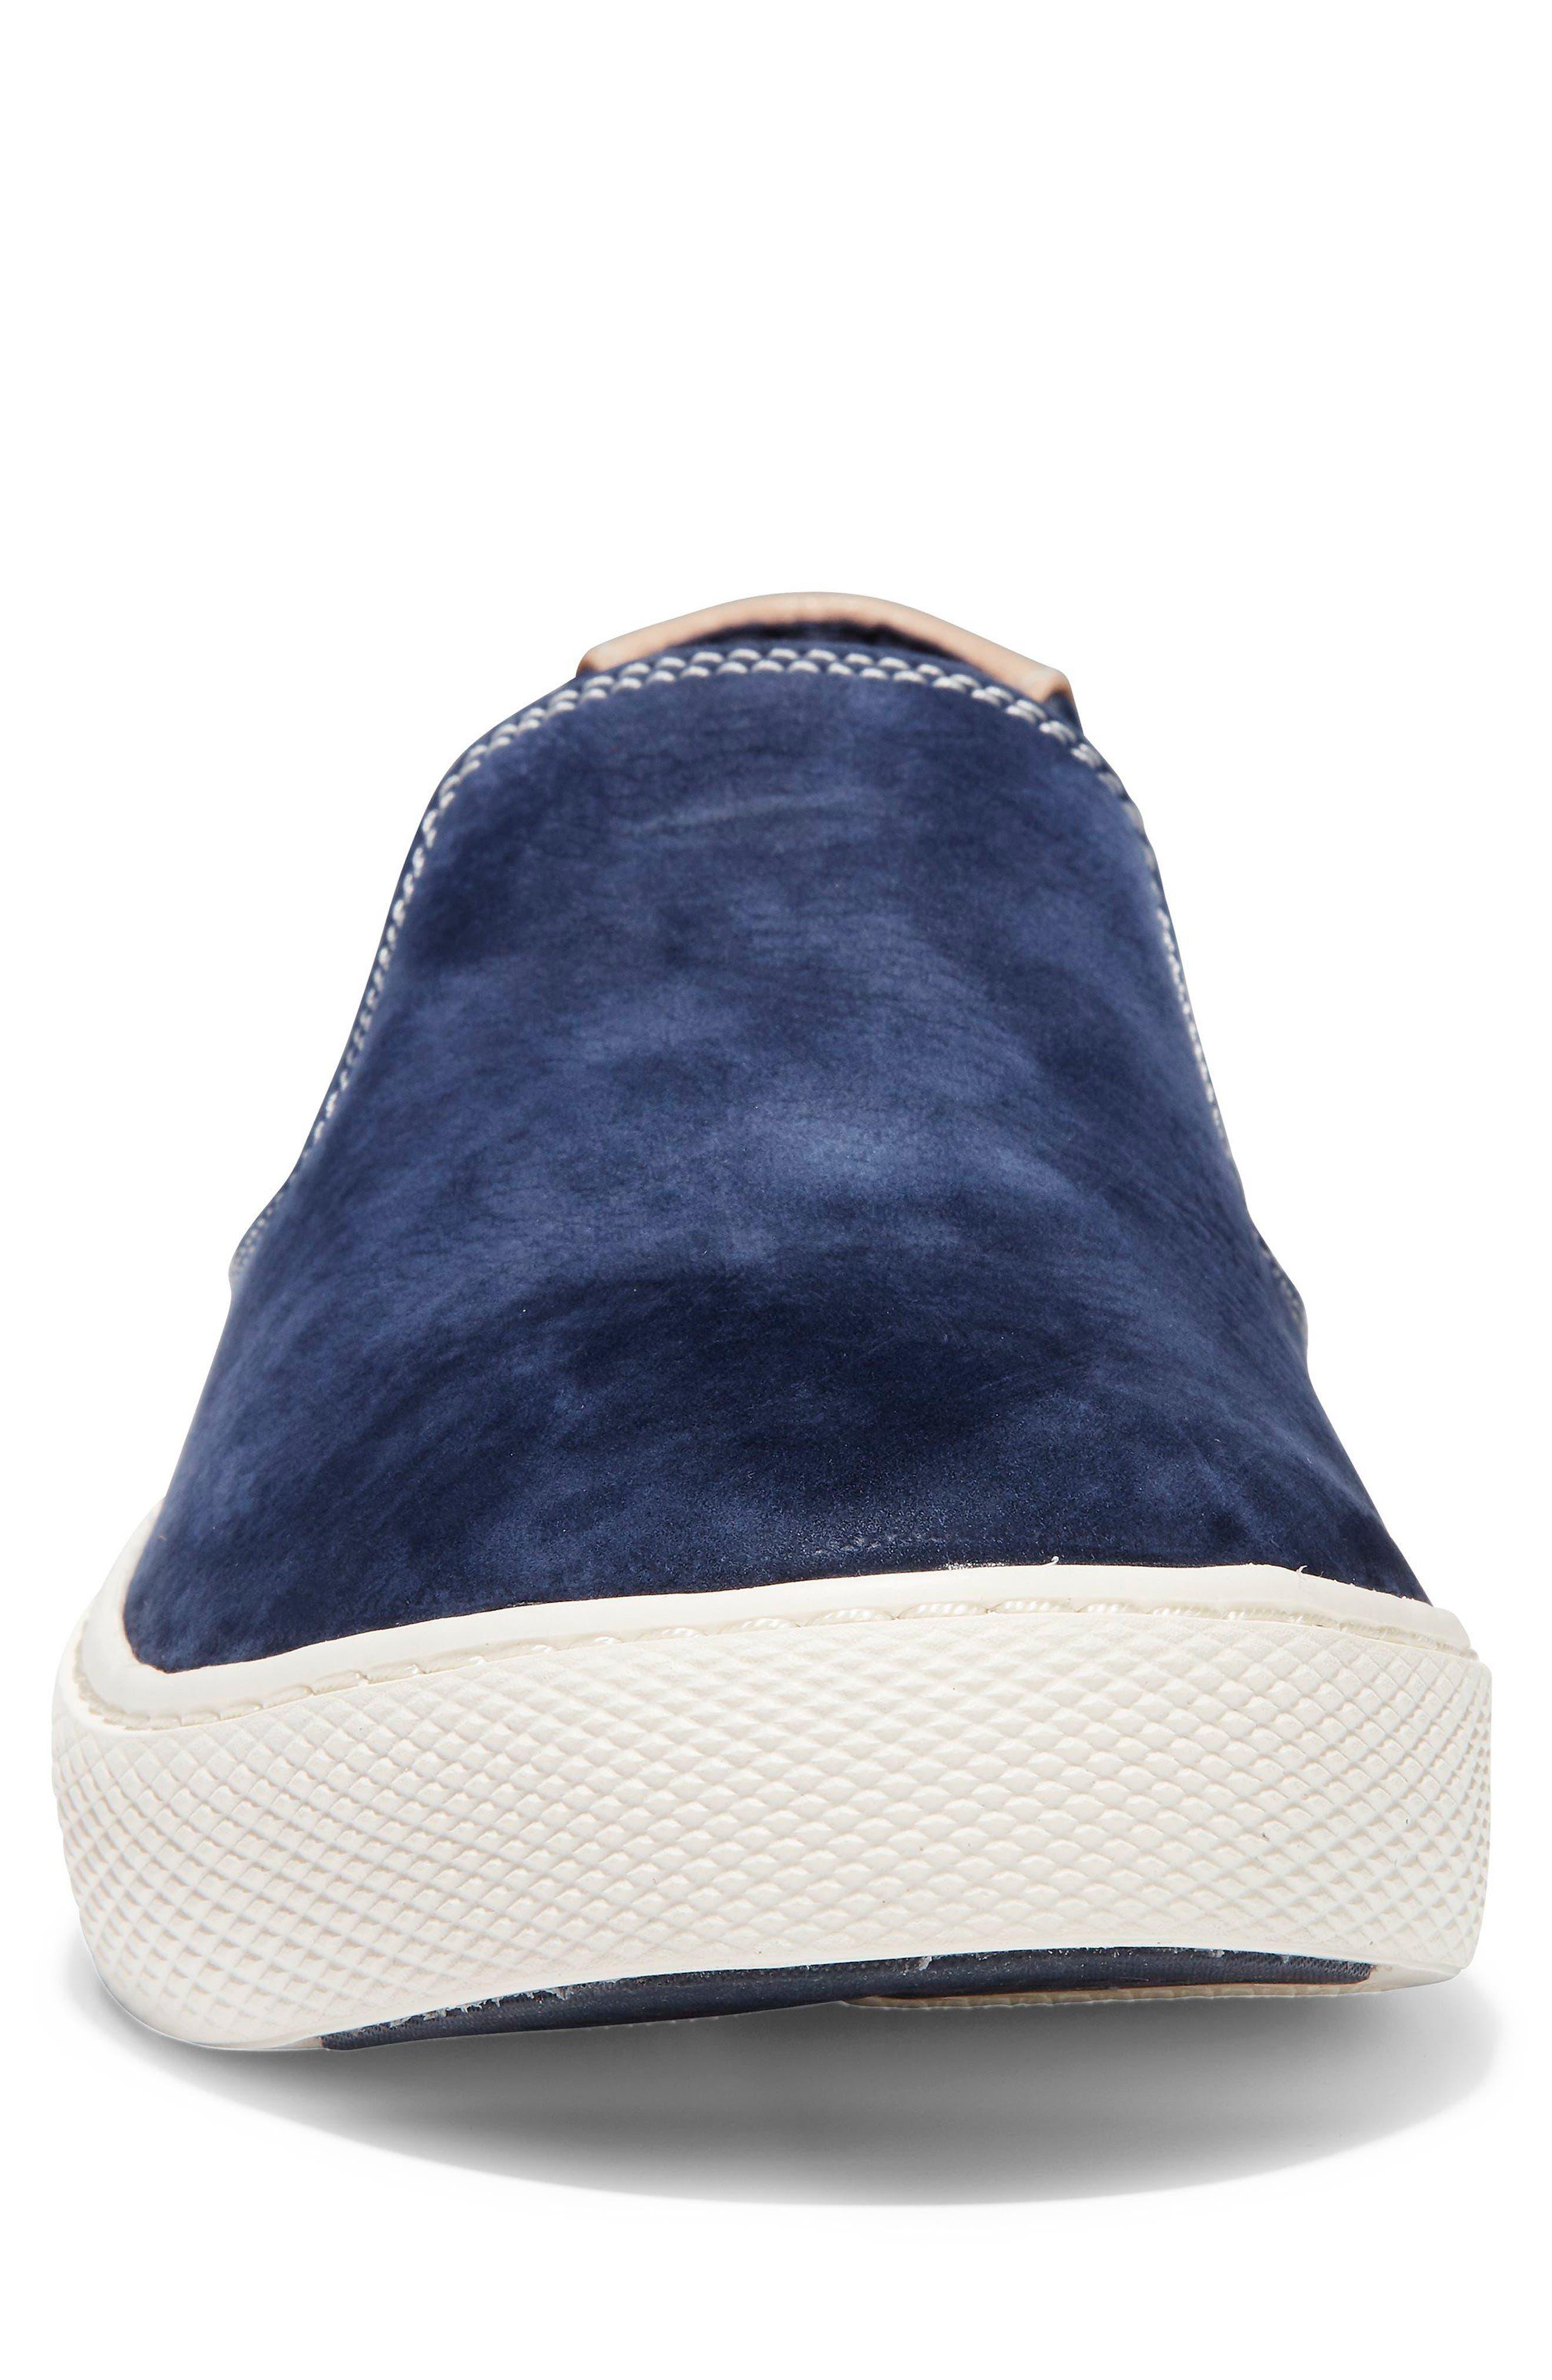 GrandPrø Deck Slip-On Sneaker,                             Alternate thumbnail 4, color,                             Marine Blue Nubuck